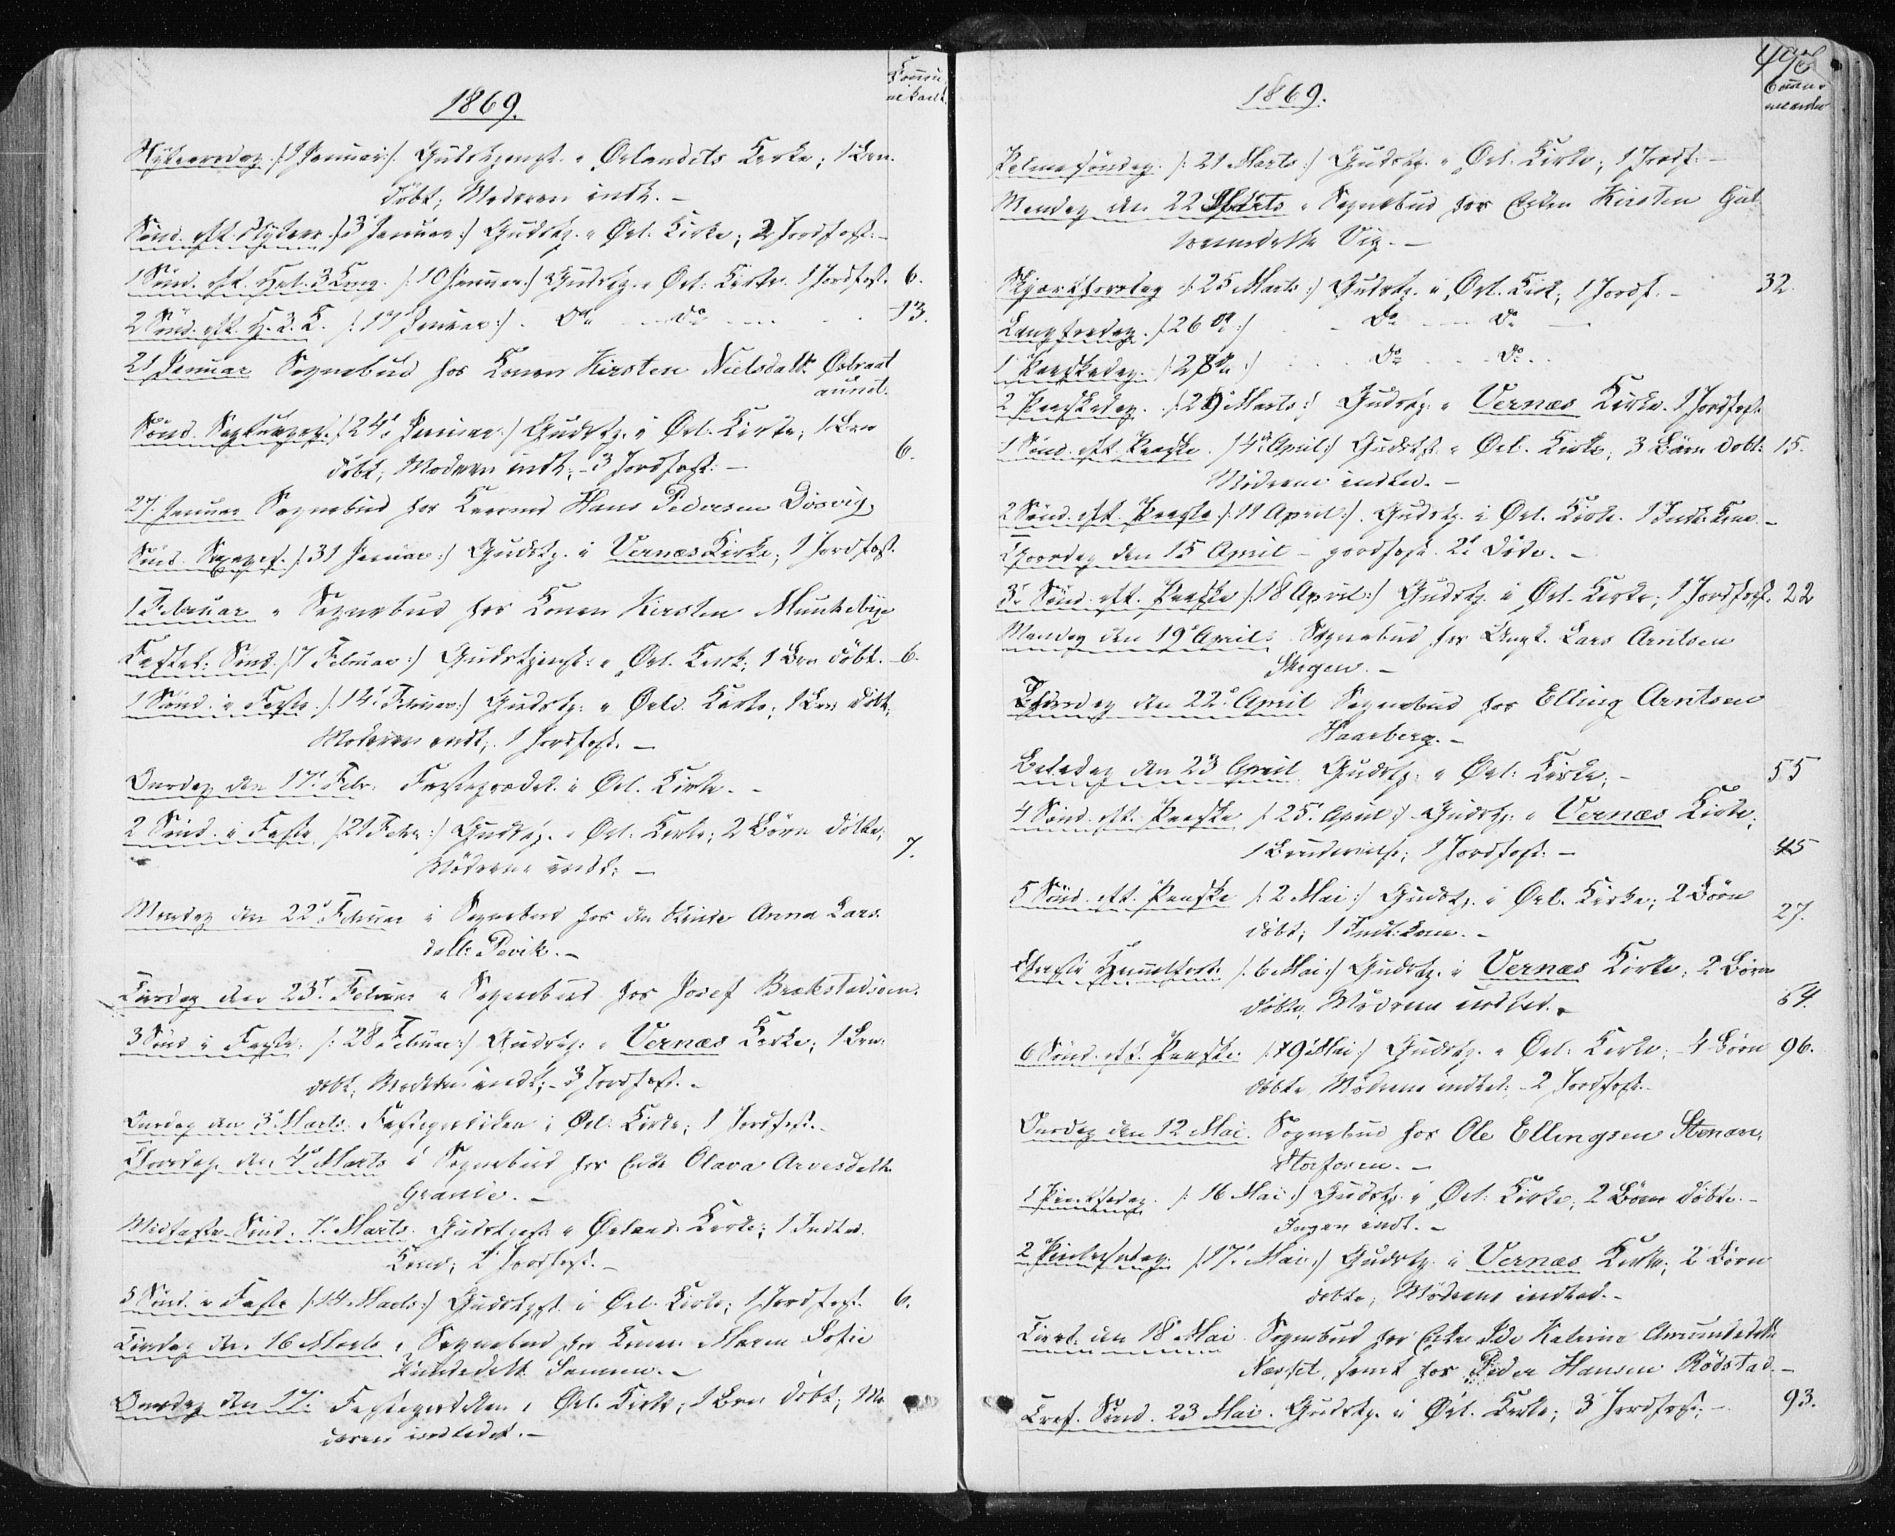 SAT, Ministerialprotokoller, klokkerbøker og fødselsregistre - Sør-Trøndelag, 659/L0737: Ministerialbok nr. 659A07, 1857-1875, s. 496